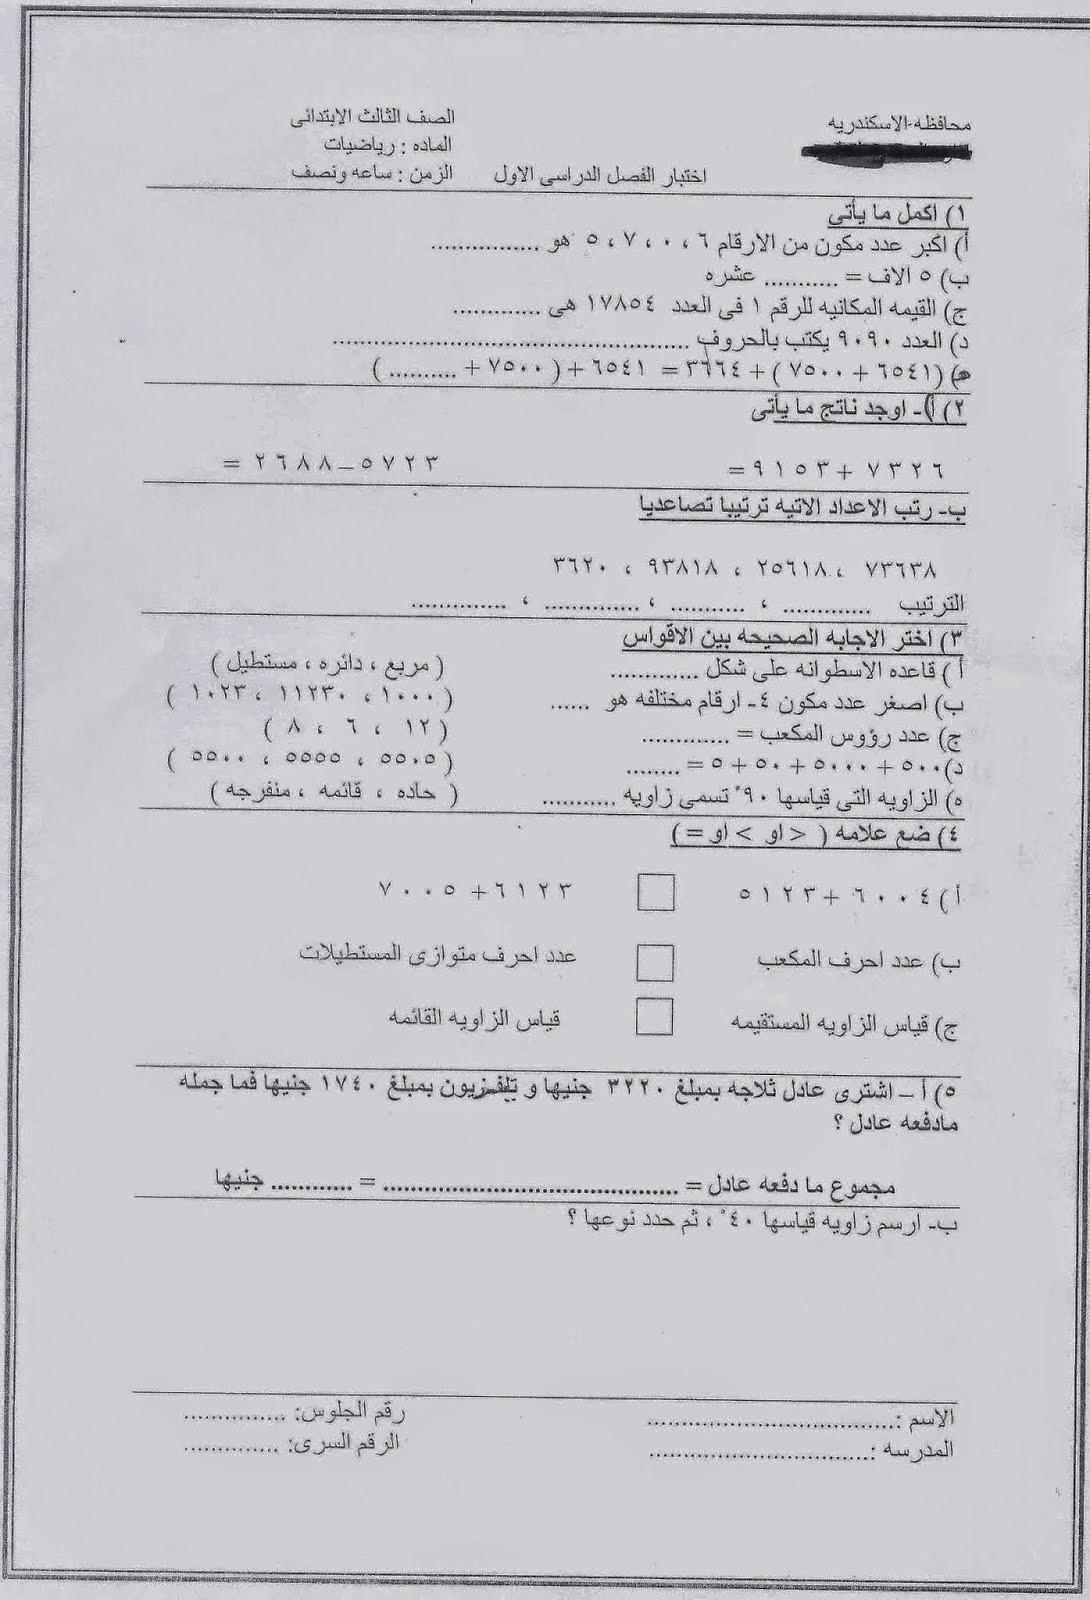 امتحانات كل مواد الصف الثالث الابتدائي الترم الأول2015 مدارس مصر حكومى و لغات scan0080.jpg